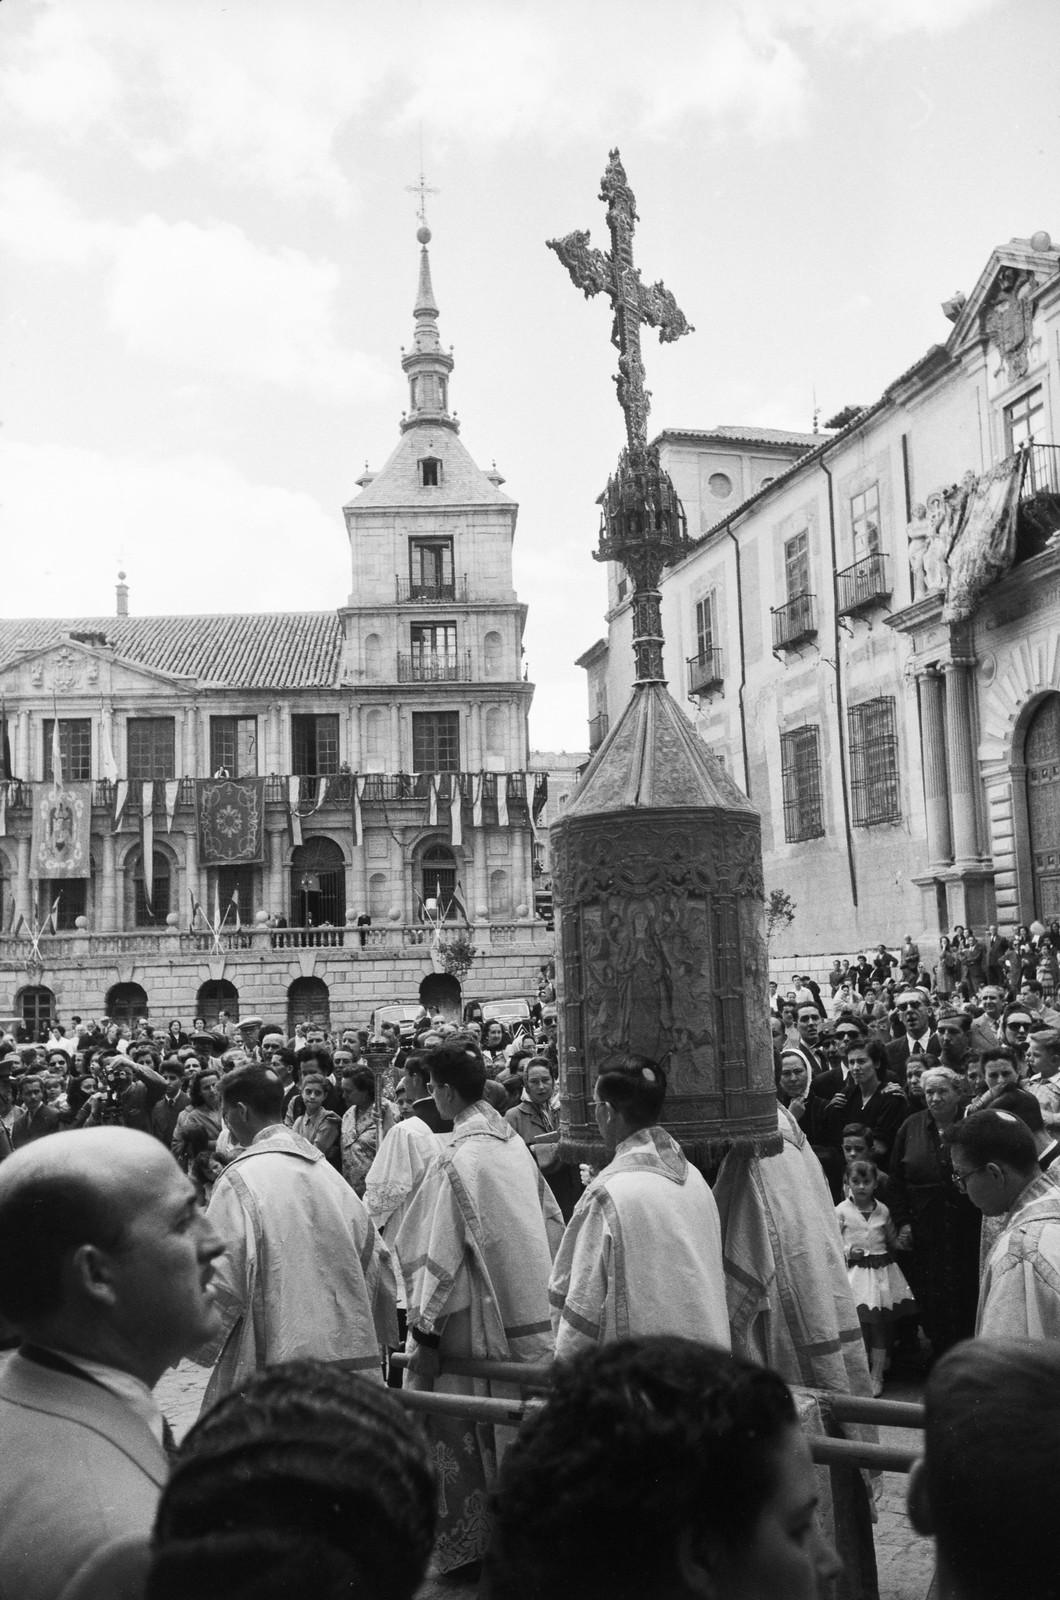 Cruz de Cisneros en la Procesión del Corpus Christi de Toledo en 1955 © ETH-Bibliothek Zurich